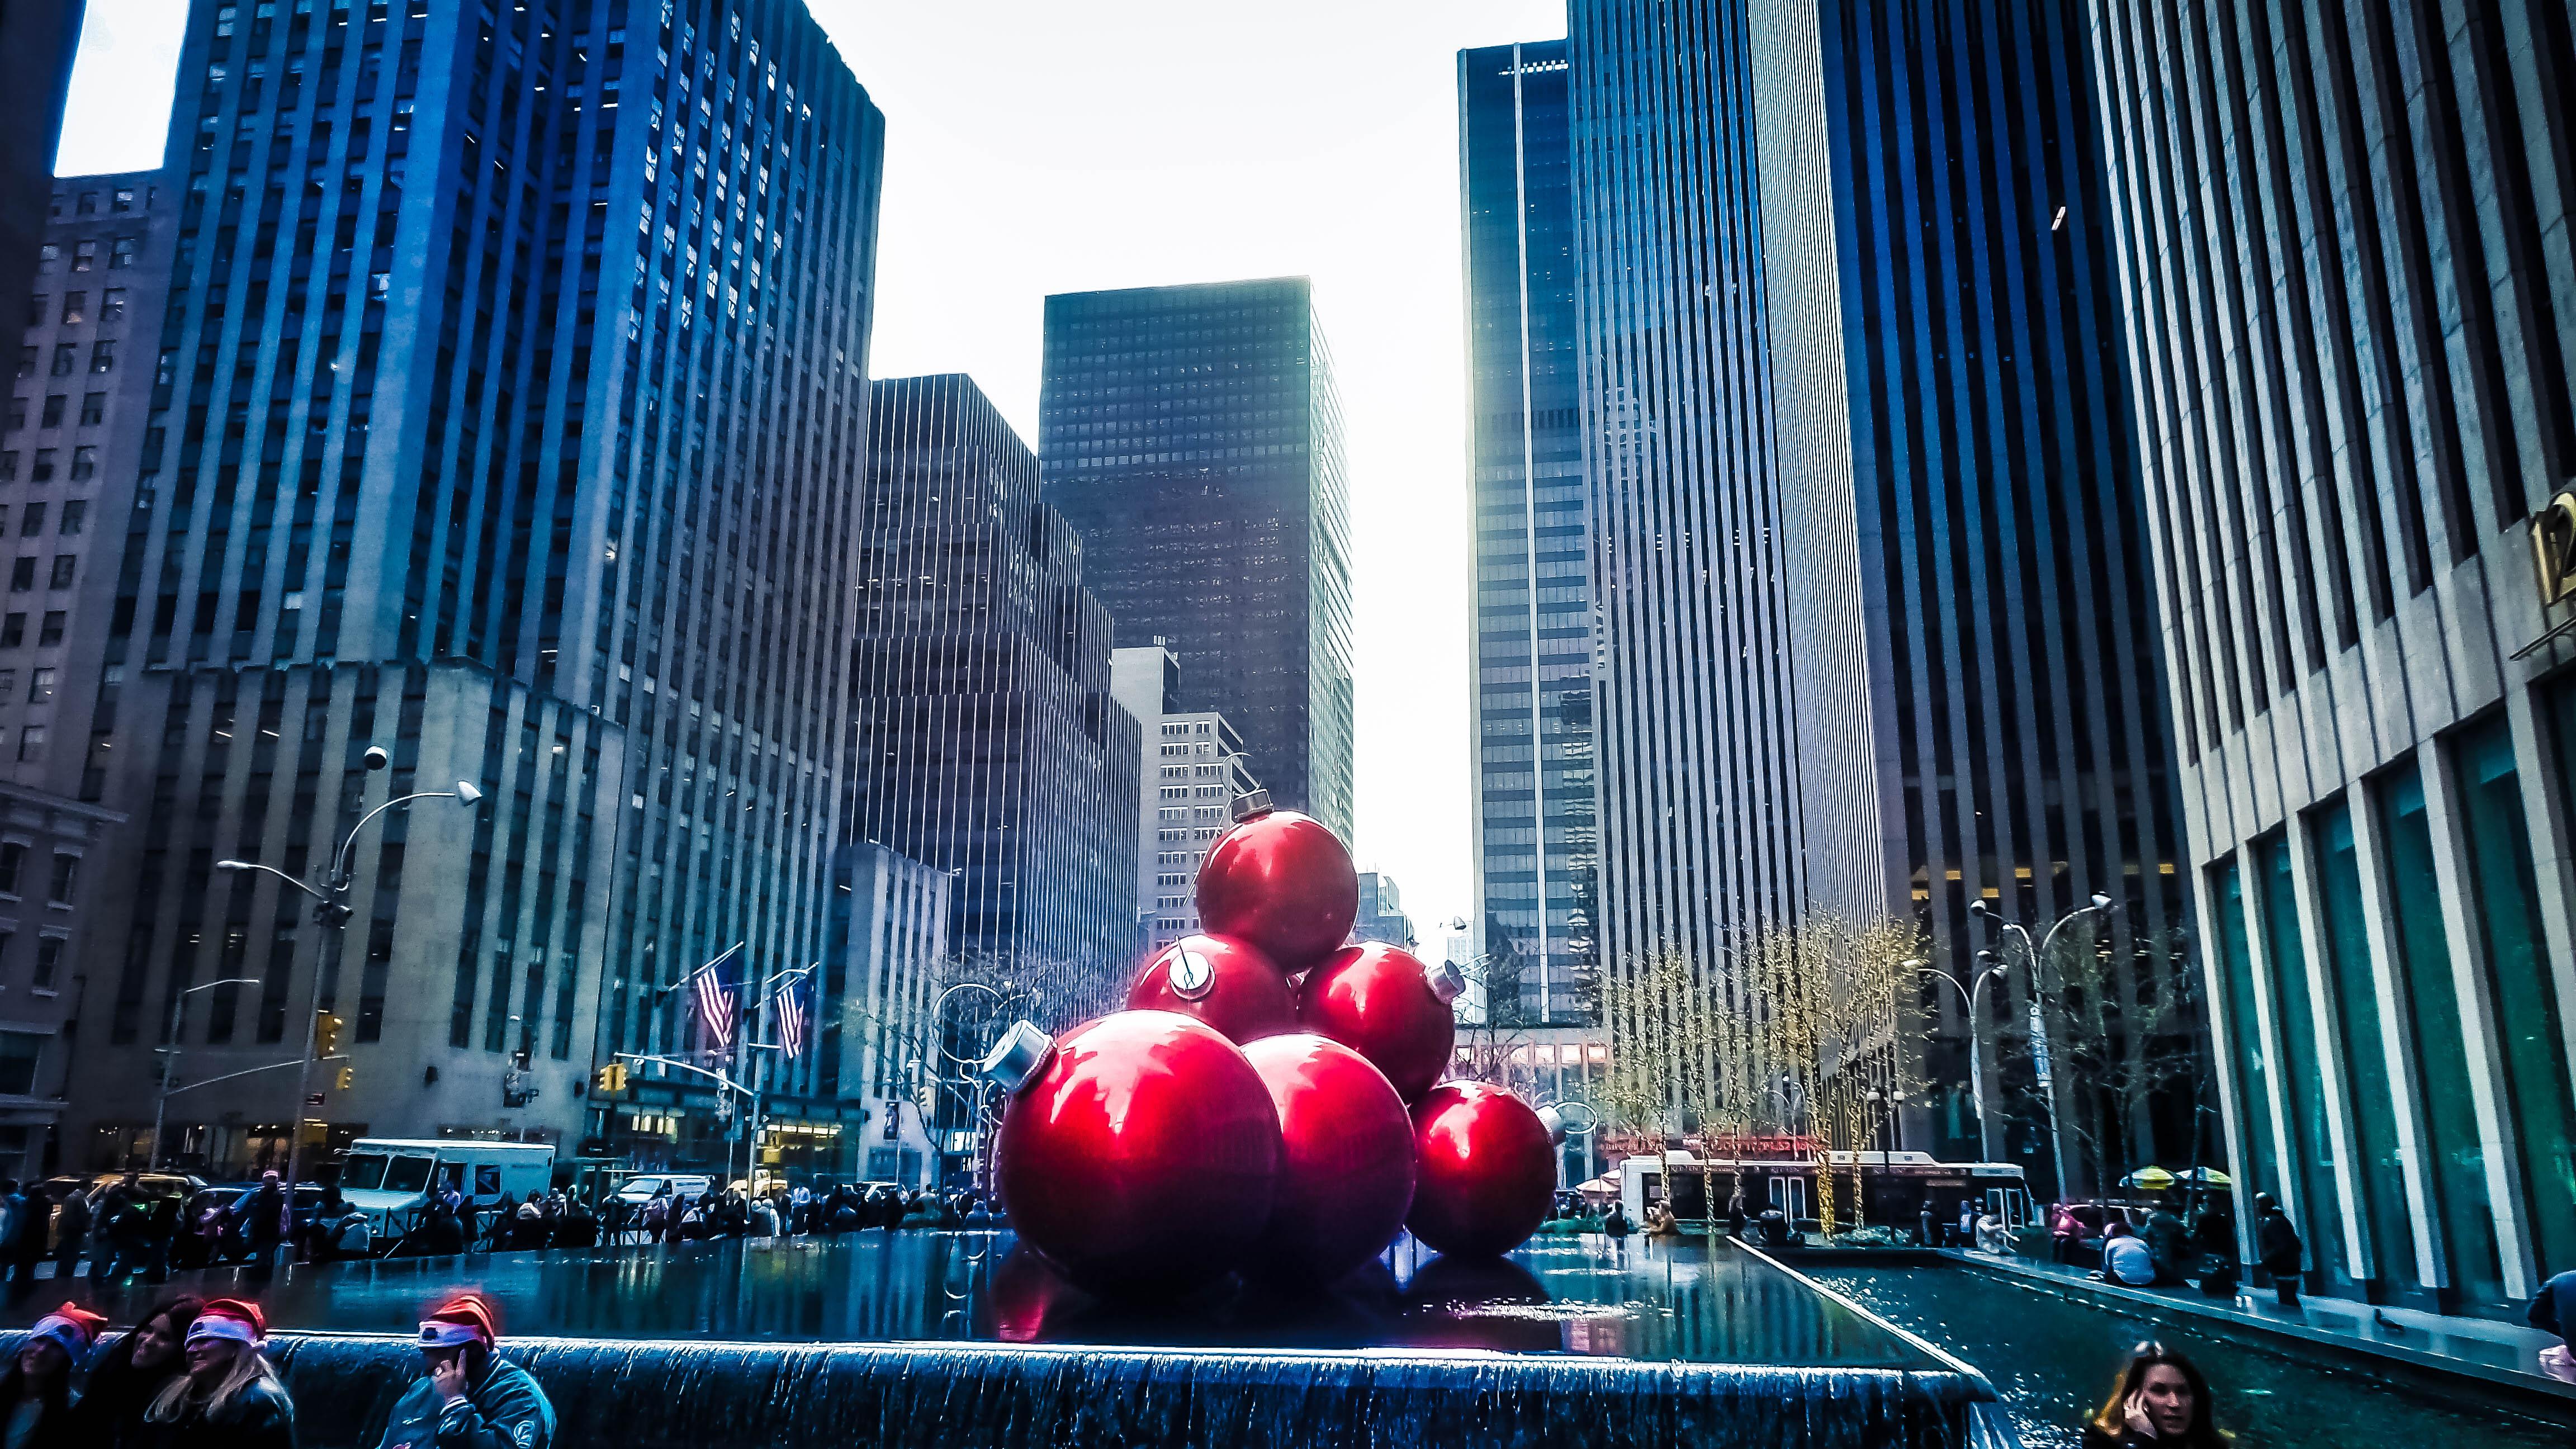 Flickr - Happy Xmas in Big Apple style!